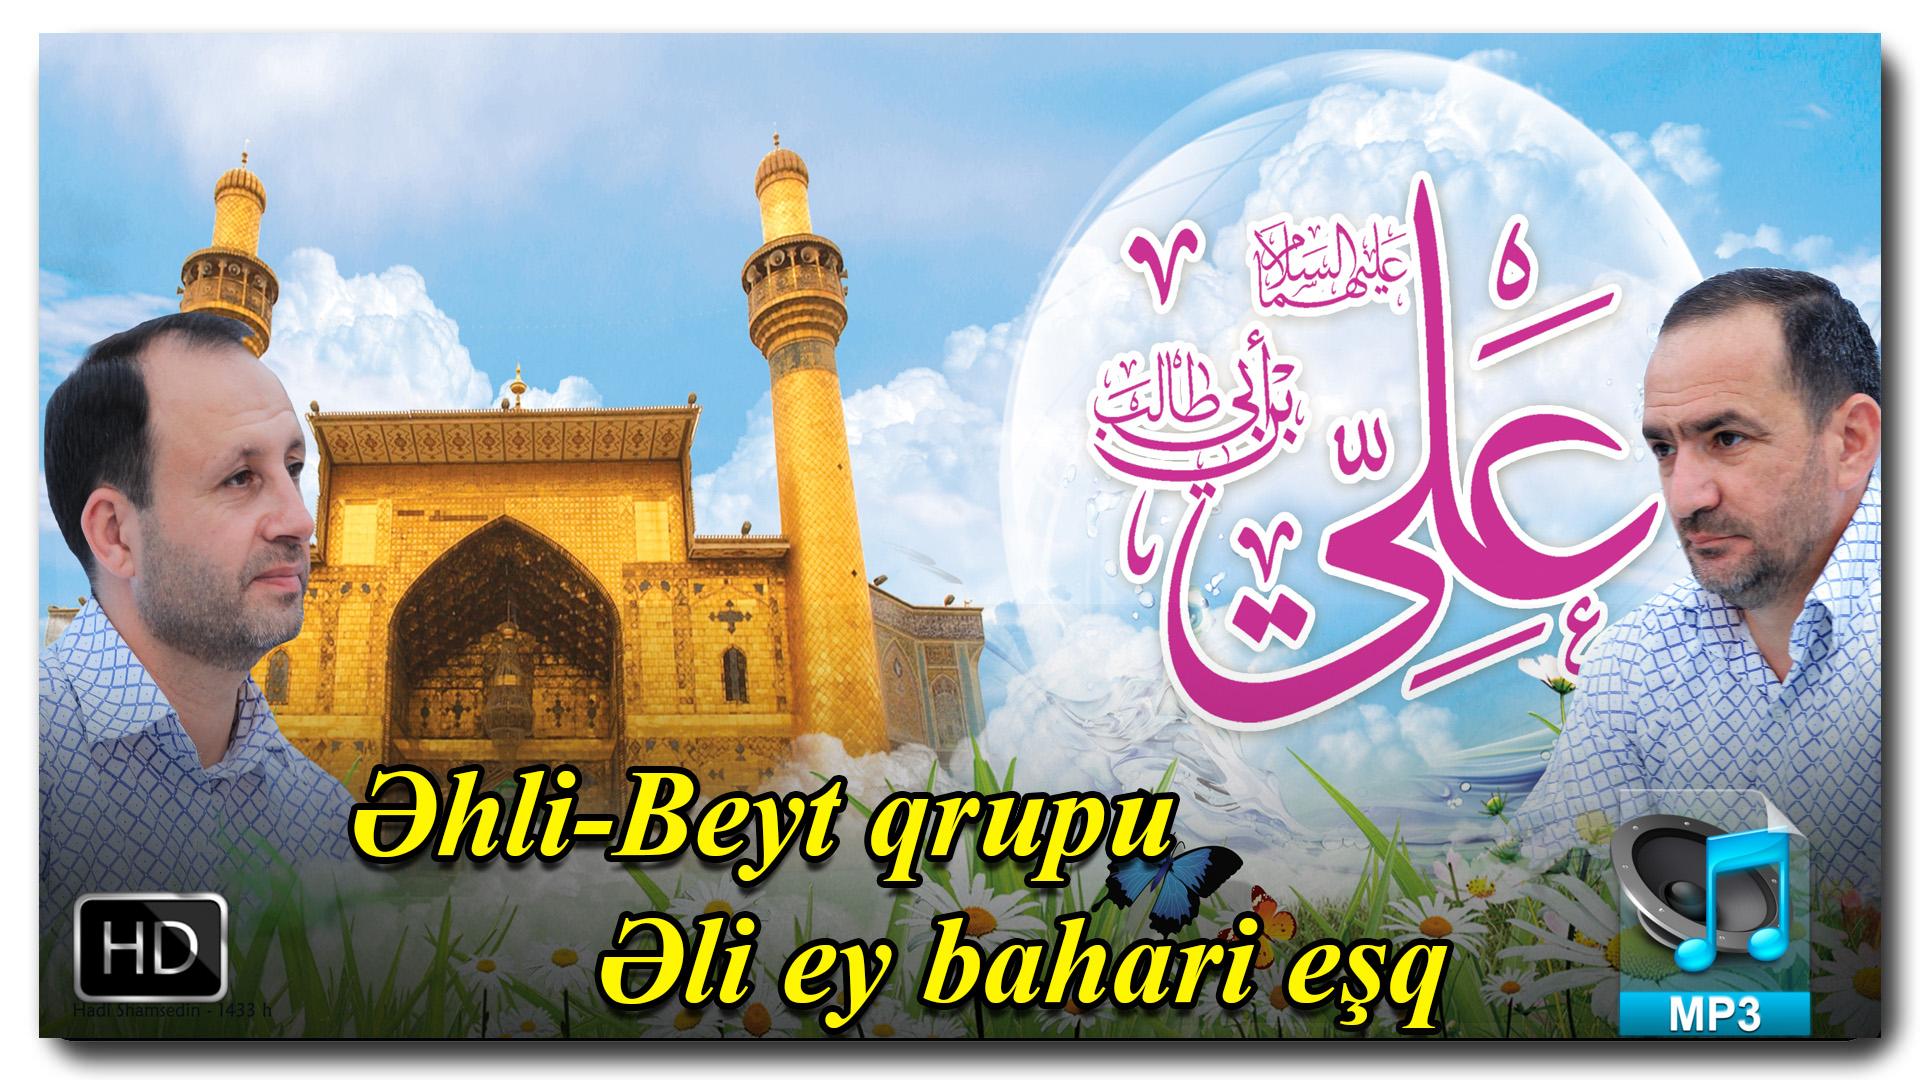 Əhli-Beyt qrupu | Əli ey bahare eşq | + VIDEO